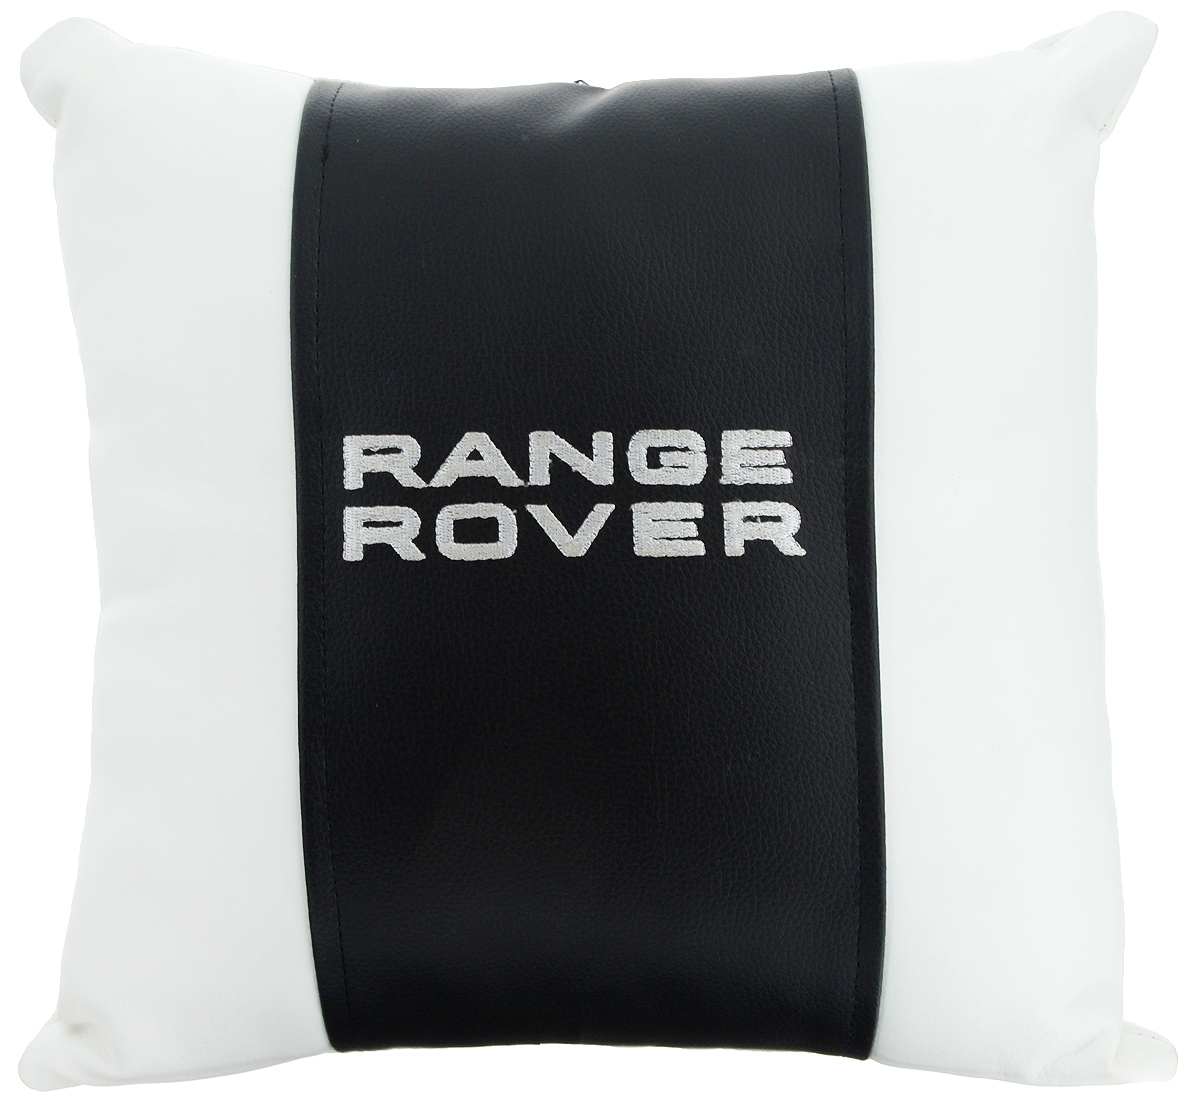 Подушка на сиденье Autoparts Range Rover, цвет: белый,черный, 30 х 30 смCA-3505Подушка на сиденье Autoparts Range Rover создана для тех, кто весь свой день вынужден проводить за рулем. Чехол выполнен из высококачественной дышащей экокожи. Наполнителем служит холлофайбер. На задней части подушки имеется змейка.Особенности подушки:- Хорошо проветривается.- Предупреждает потение.- Поддерживает комфортную температуру.- Обминается по форме тела.- Улучшает кровообращение.- Исключает затечные явления.- Предупреждает развитие заболеваний, связанных с сидячим образом жизни. Подушка также будет полезна и дома - при работе за компьютером, школьникам - при выполнении домашних работ, да и в любимом кресле перед телевизором.